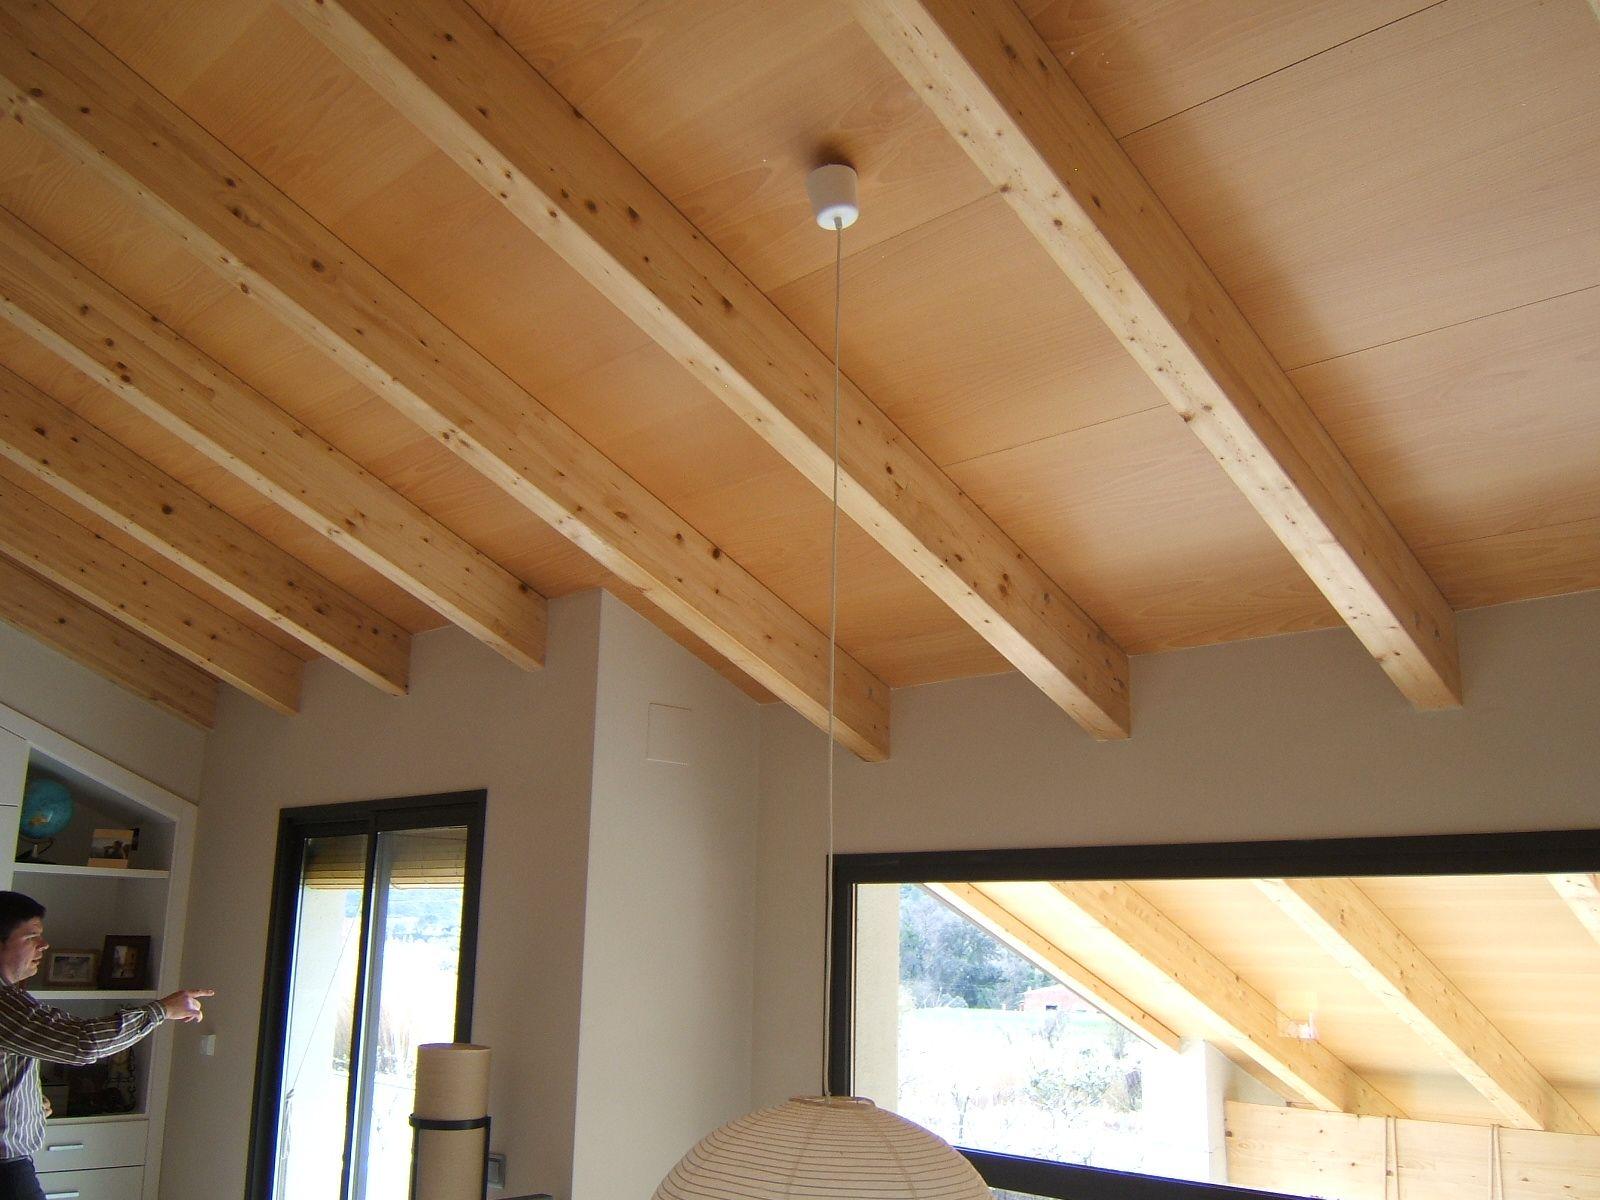 Decoraci n de techos en madera con paneles s ndwich - Techos falsos de madera ...